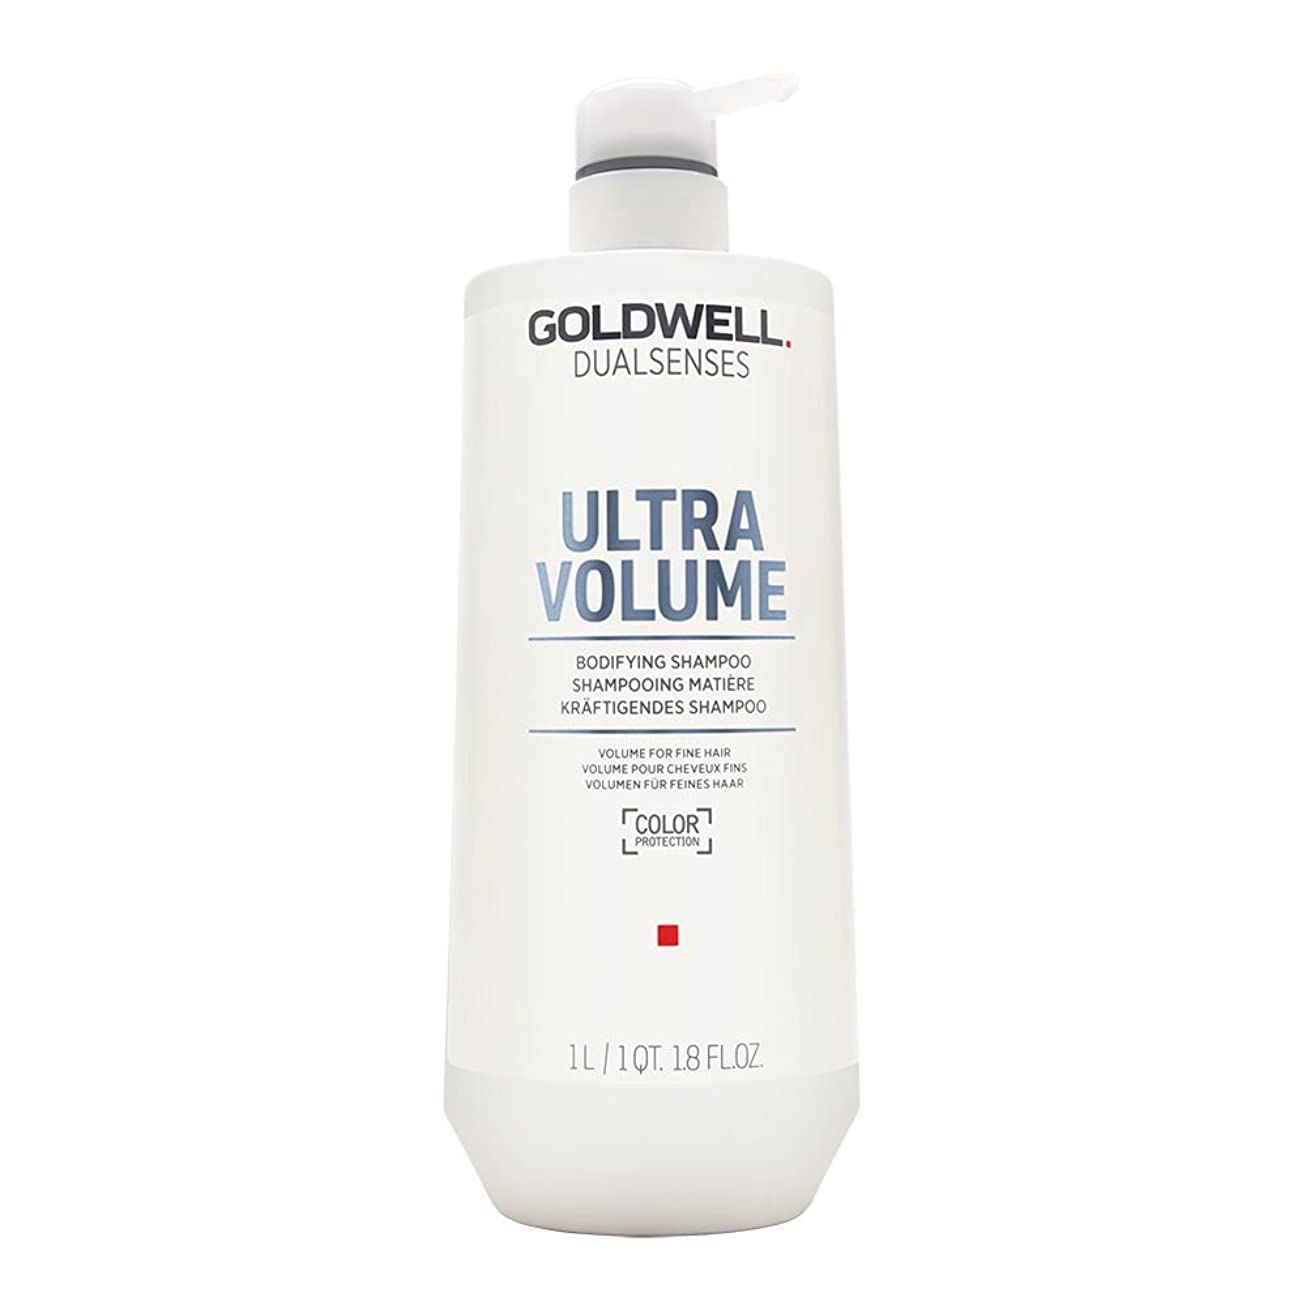 揃えるしっかりましいゴールドウェル Dual Senses Ultra Volume Bodifying Shampoo (Volume For Fine Hair) 1000ml